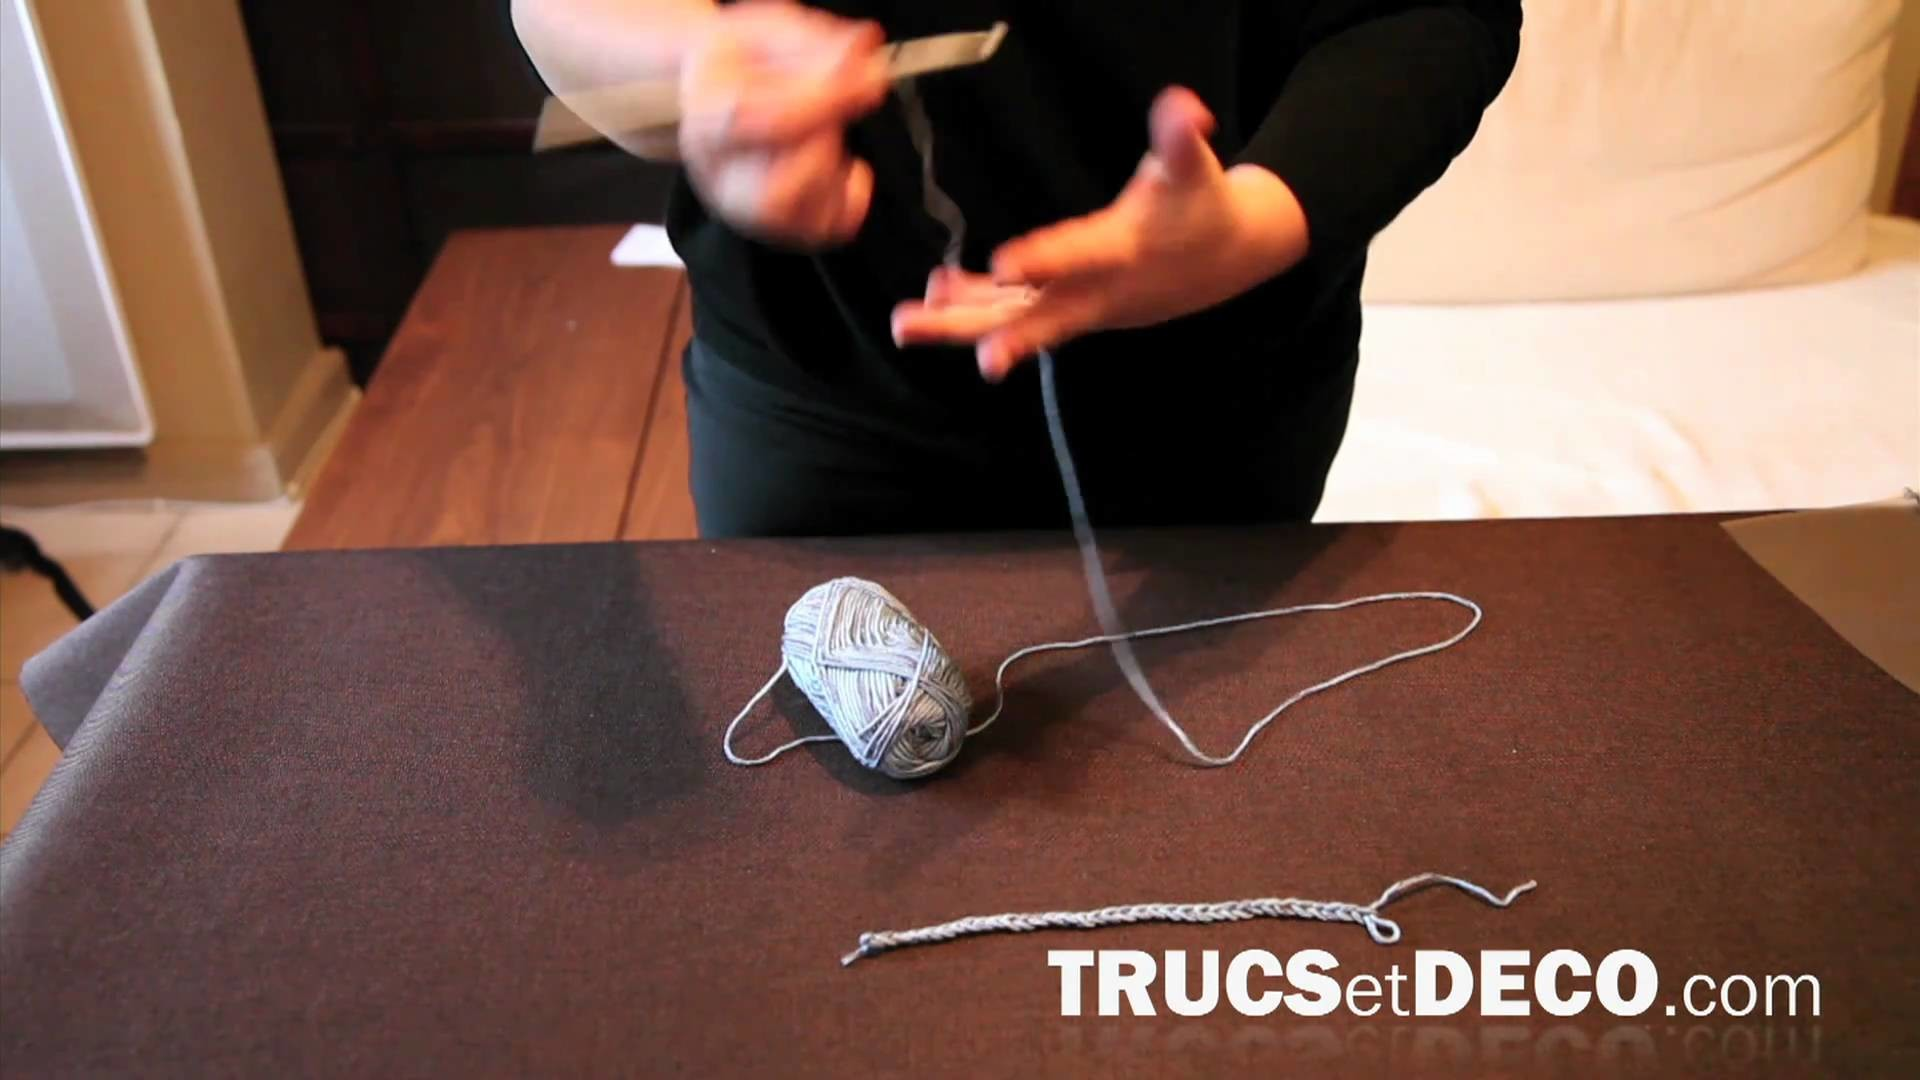 Chainette en crochet - Tutoriel par trucsetdeco.com